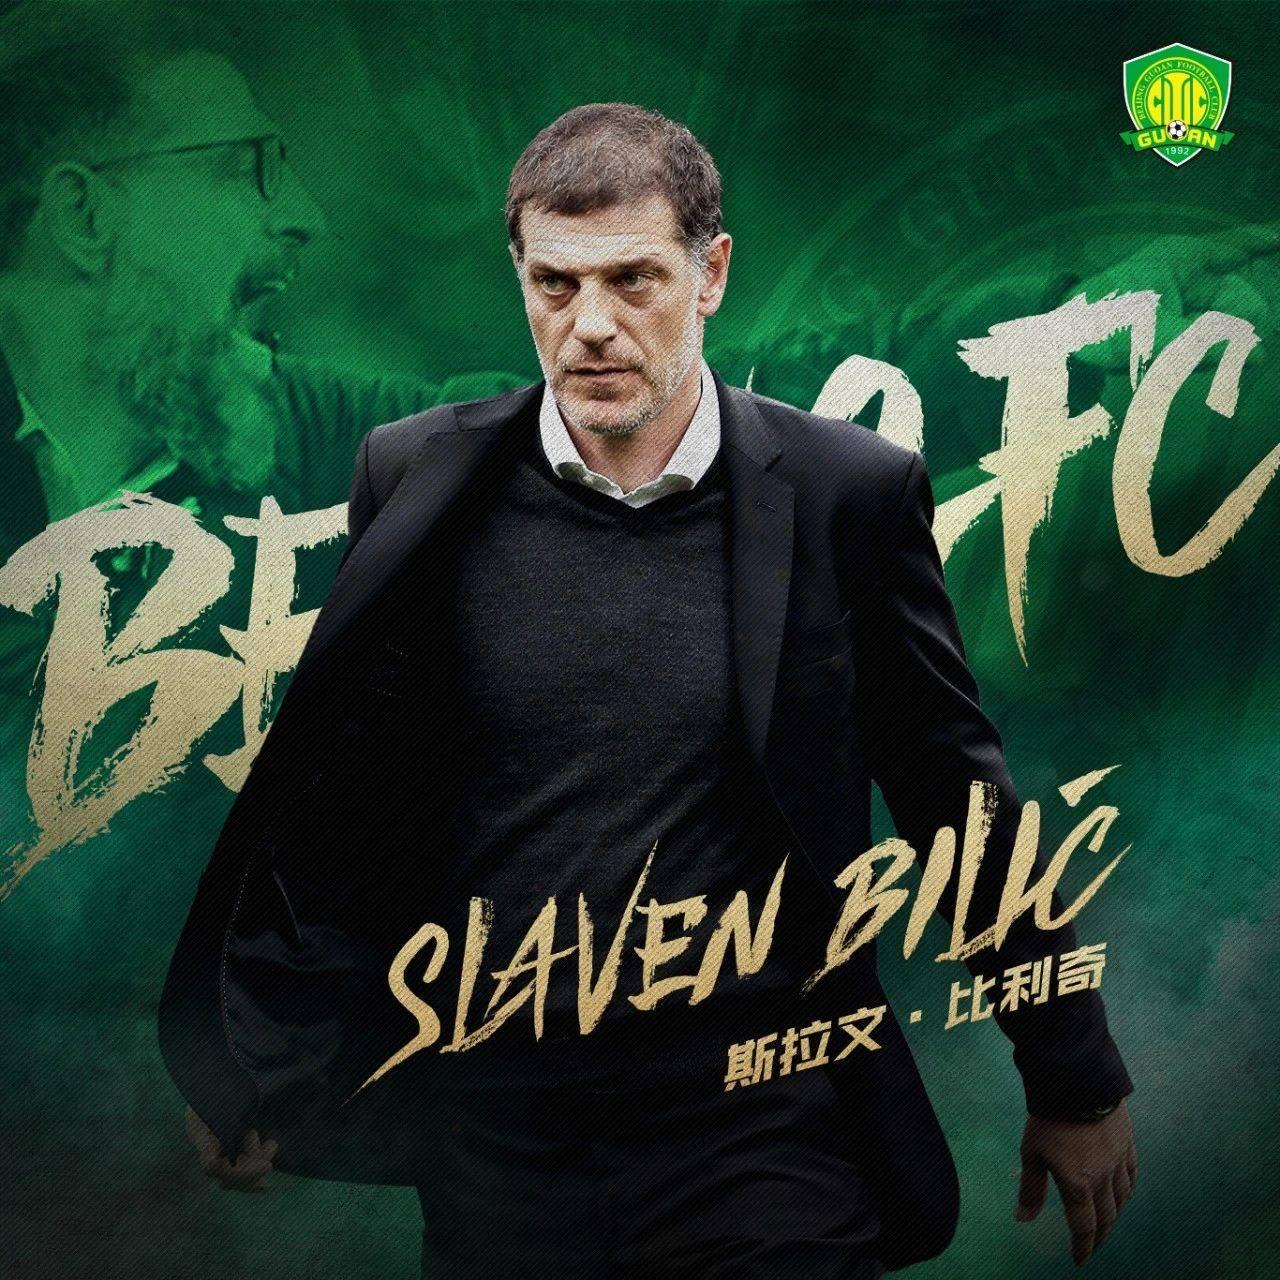 聘任斯拉文-比利奇为北京中赫国安足球沙龙